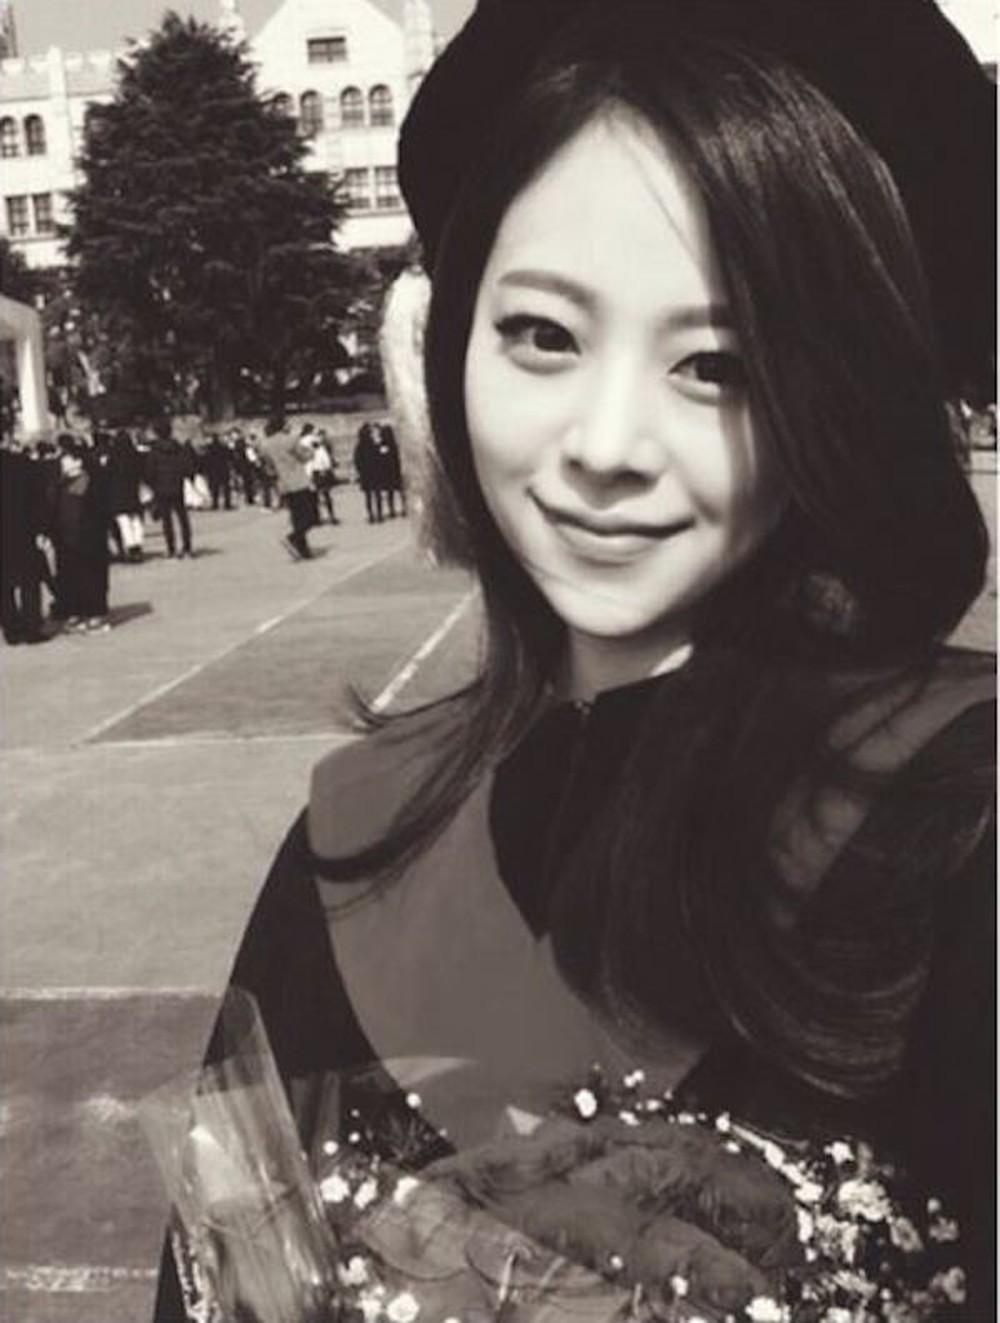 Khổ như làm bạn gái Son Heung-min: Hứng gạch đá thê thảm, chìm nghỉm trong những lời đàm tiếu háo danh, không cùng đẳng cấp - Ảnh 9.